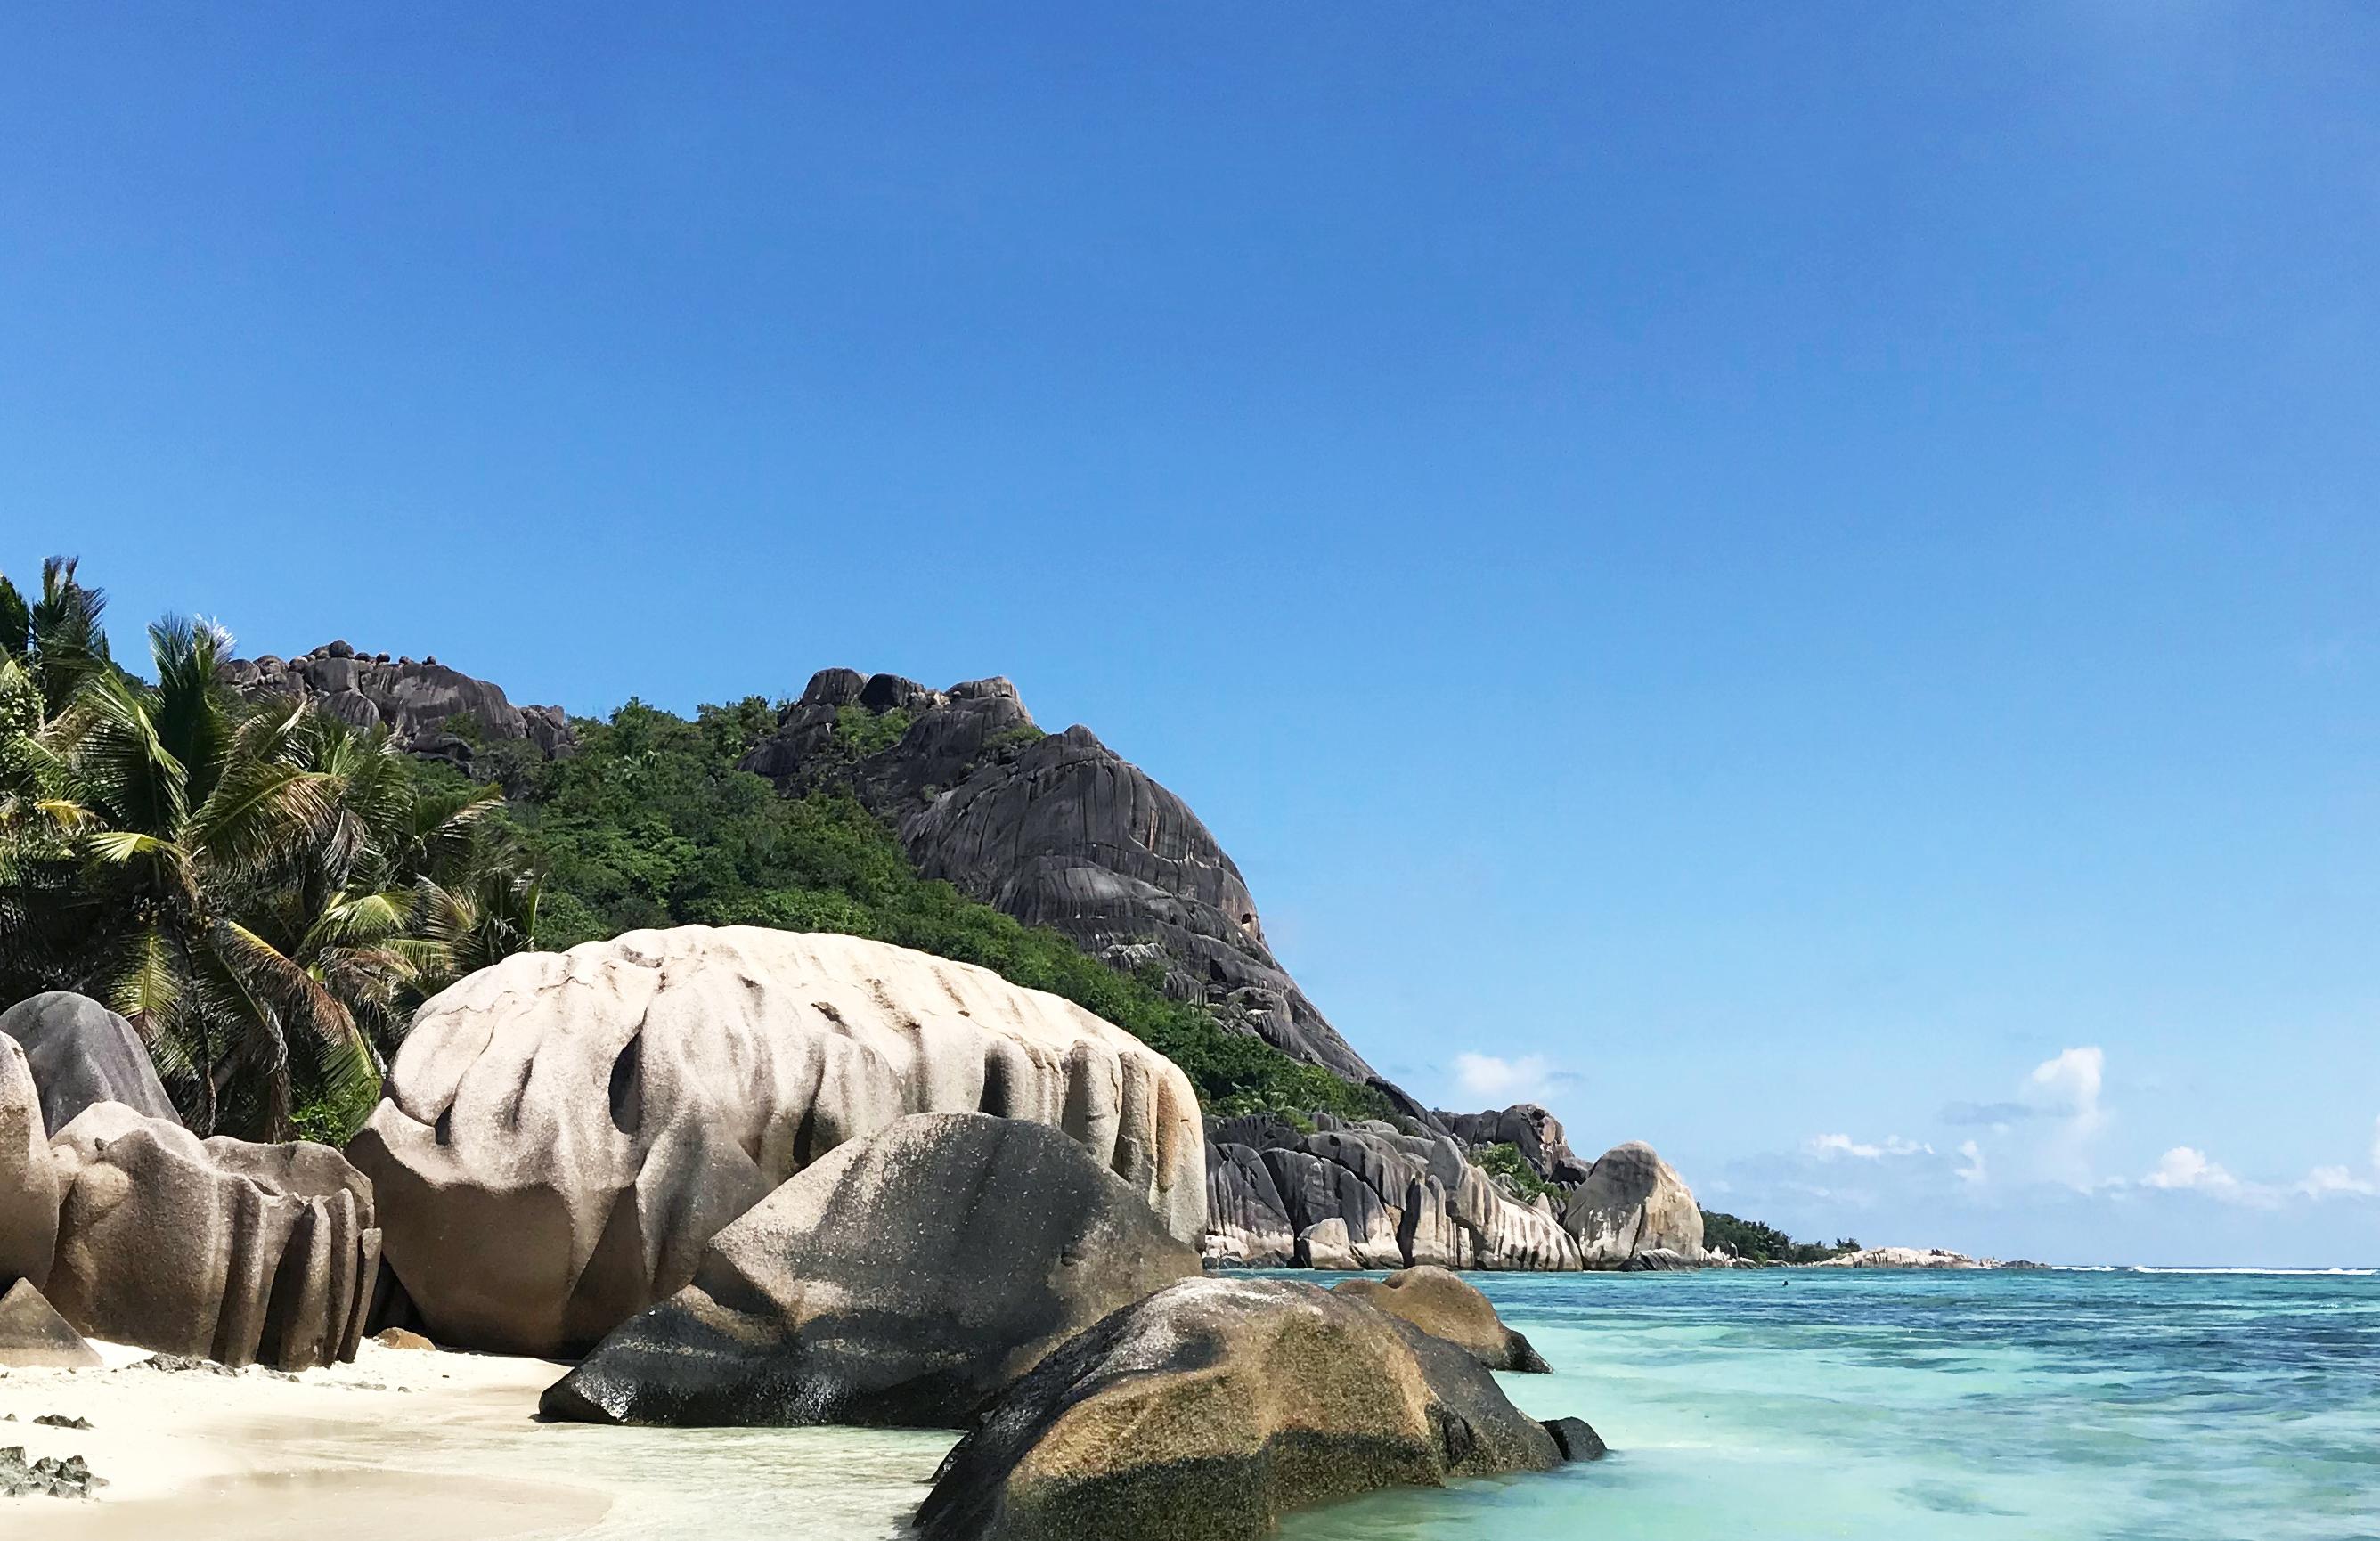 Лучший пляж в мире, черепахи и кокосовый ром: зачем лететь на Сейшелы Лучший пляж в мире, черепахи и кокосовый ром. Зачем лететь на Сейшелы? img 1426